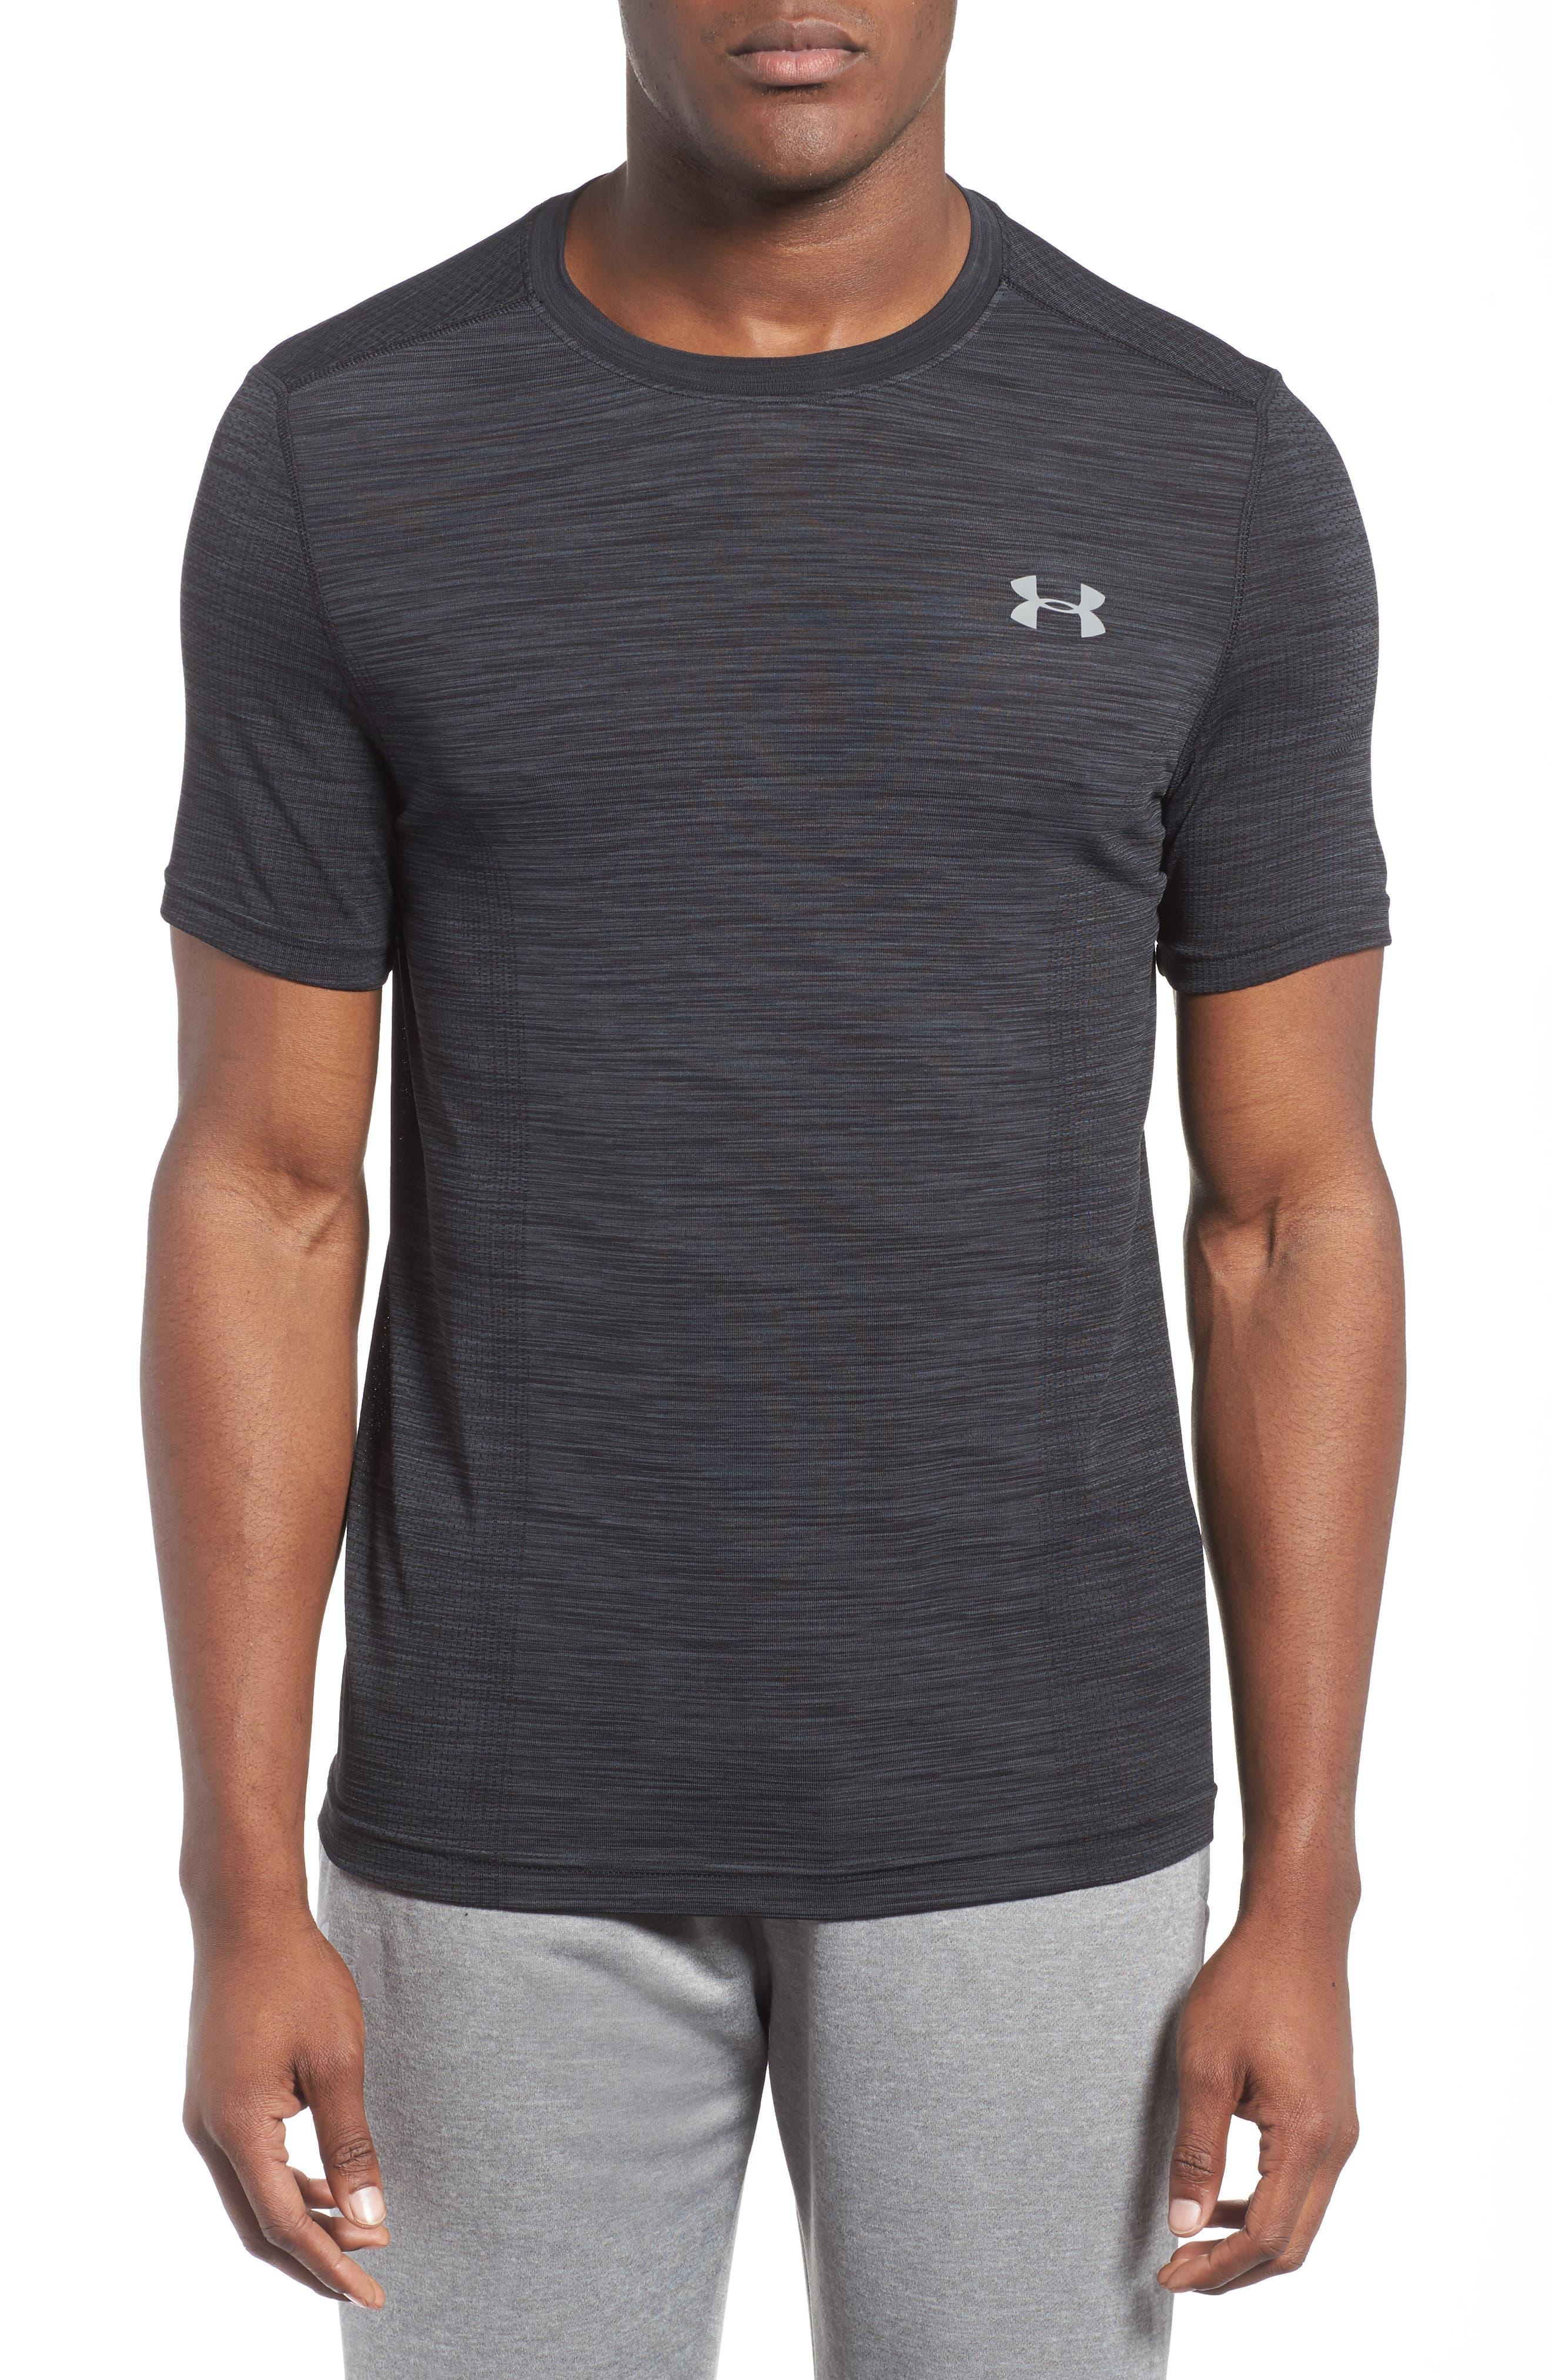 a2e176926df 190086936949 - Men s Under Armour Threadborne Regular Fit T-Shirt ...